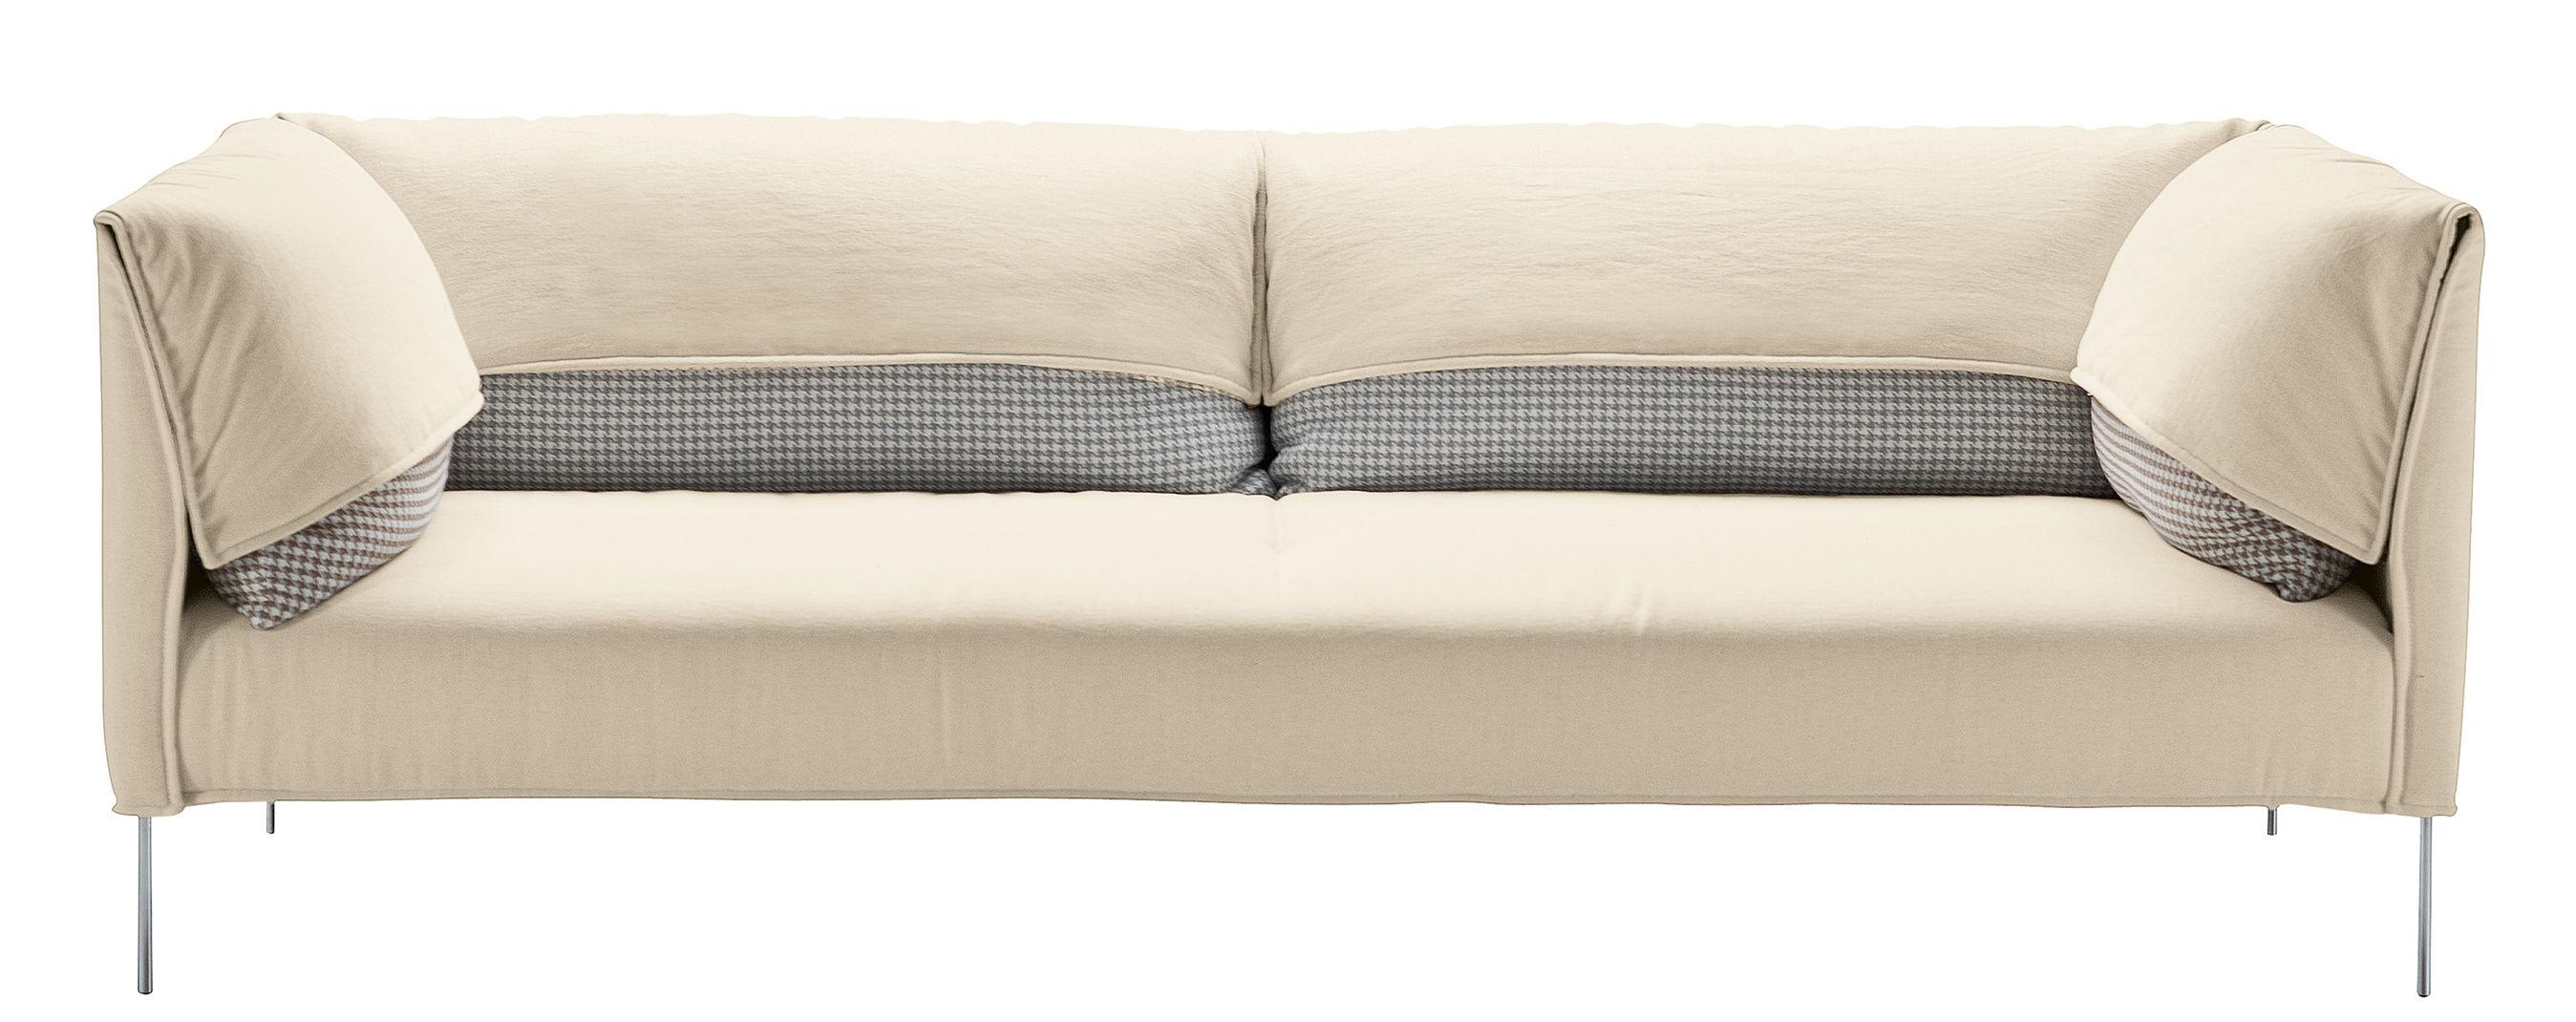 Divano destro undercover zanotta bianco cuscini marrone verde l 187 x h 77 made in design for Cuscini moderni divano